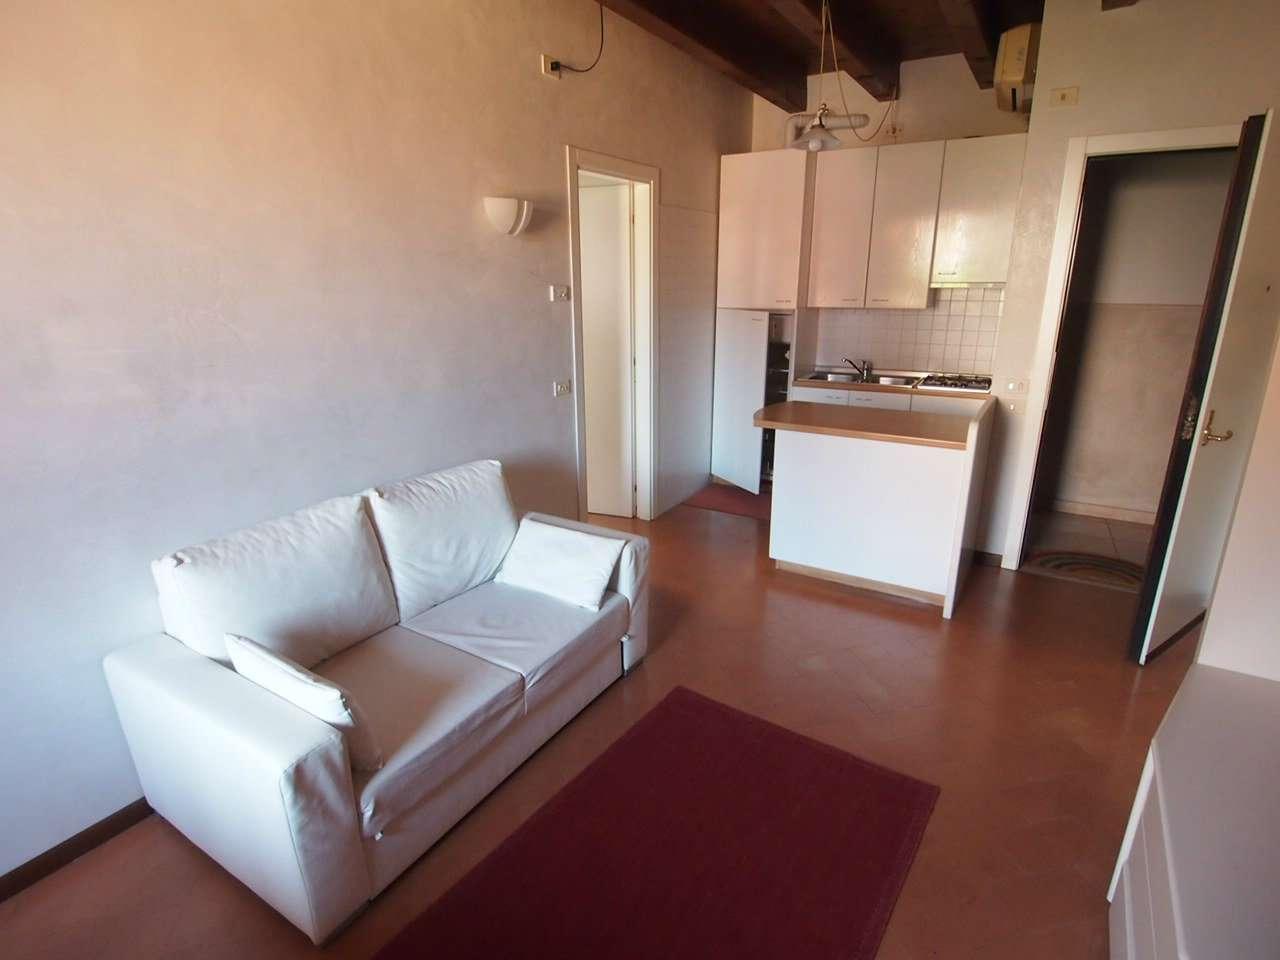 Appartamento in affitto a Verona, 2 locali, zona Zona: 1 . ZTL - Piazza Cittadella - San Zeno - Stadio, prezzo € 650 | CambioCasa.it